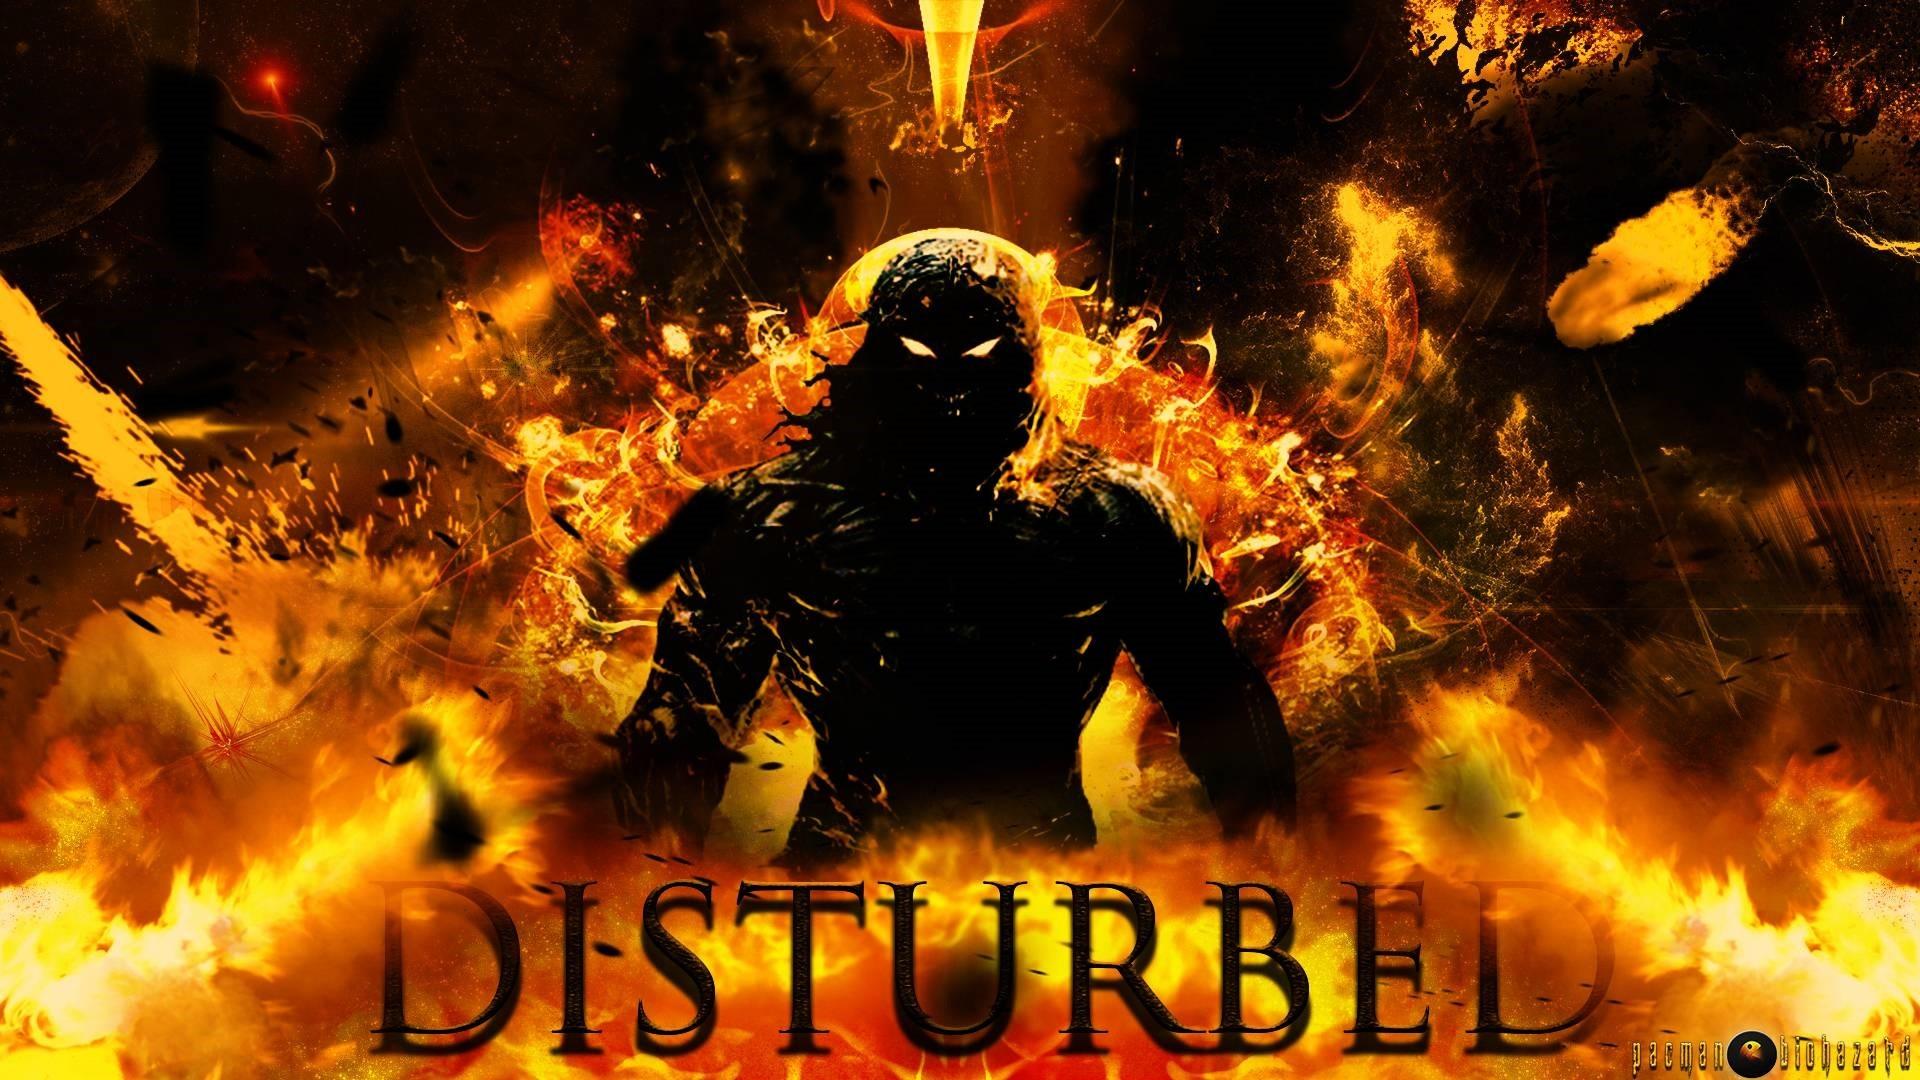 Disturbed PC Wallpaper HD